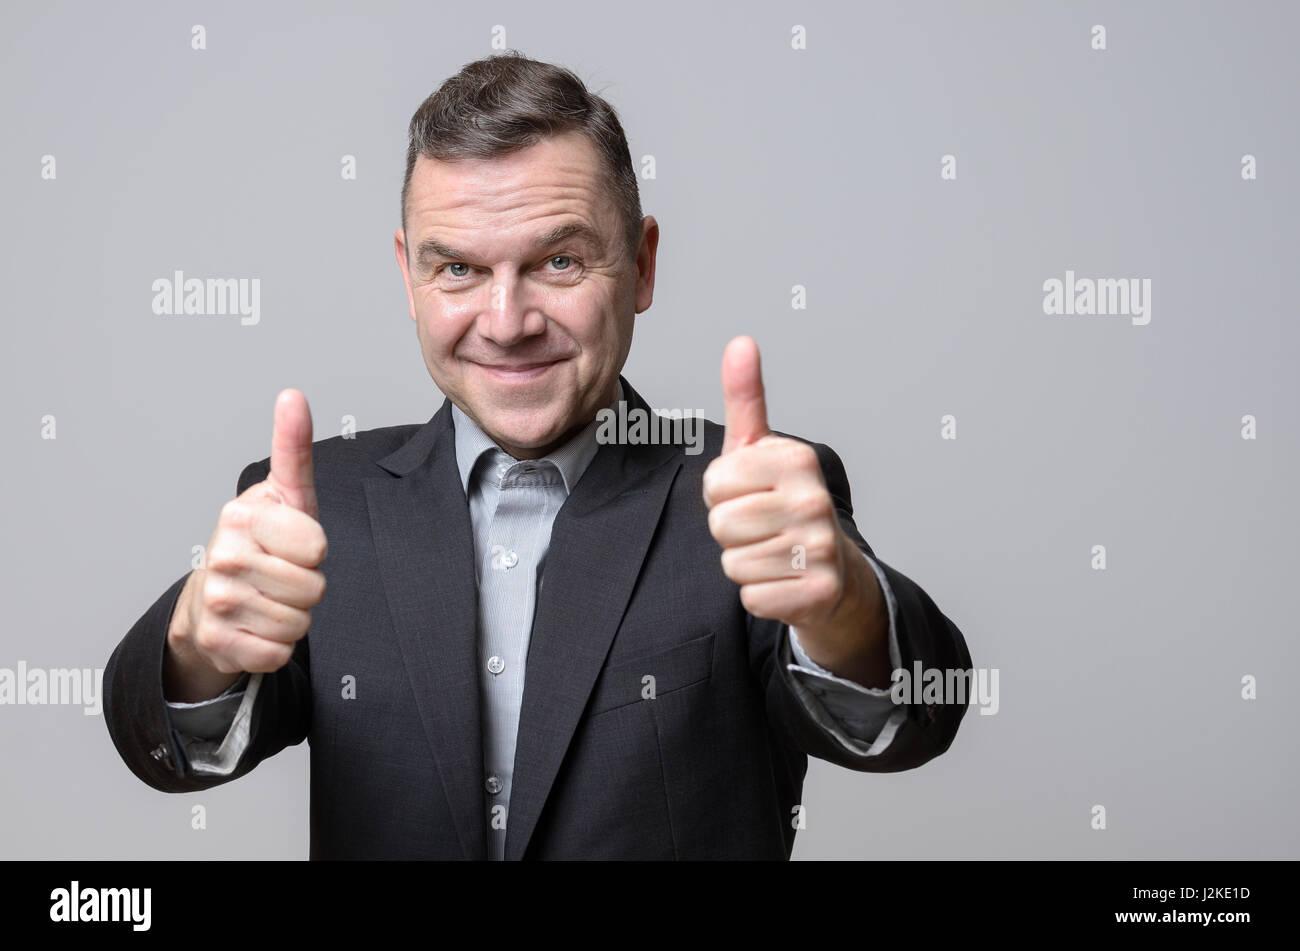 Grinsenden Mann im dunklen Anzug-Jacke mit zwei Daumen hoch über dem grauen Hintergrund. Textfreiraum umfasst. Stockbild